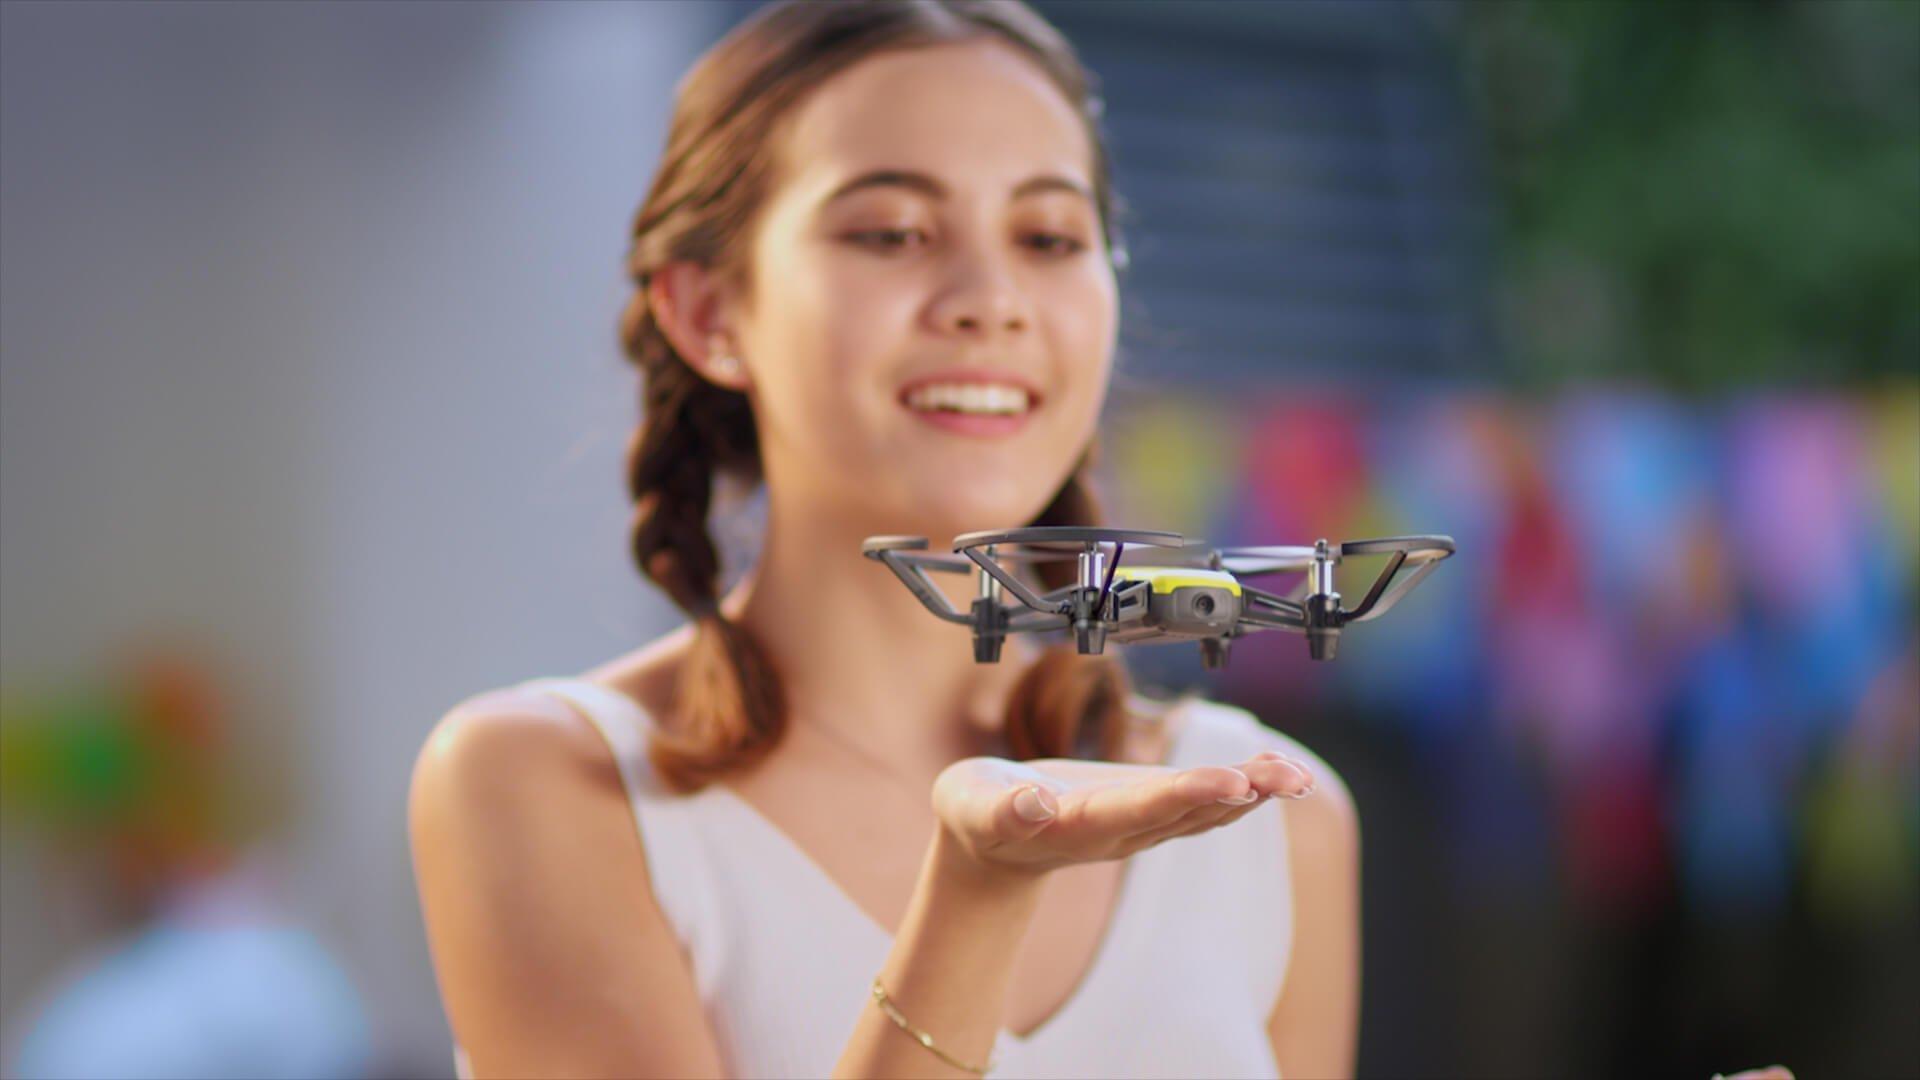 gdziekolwiek jesteś możesz korzystać z drona